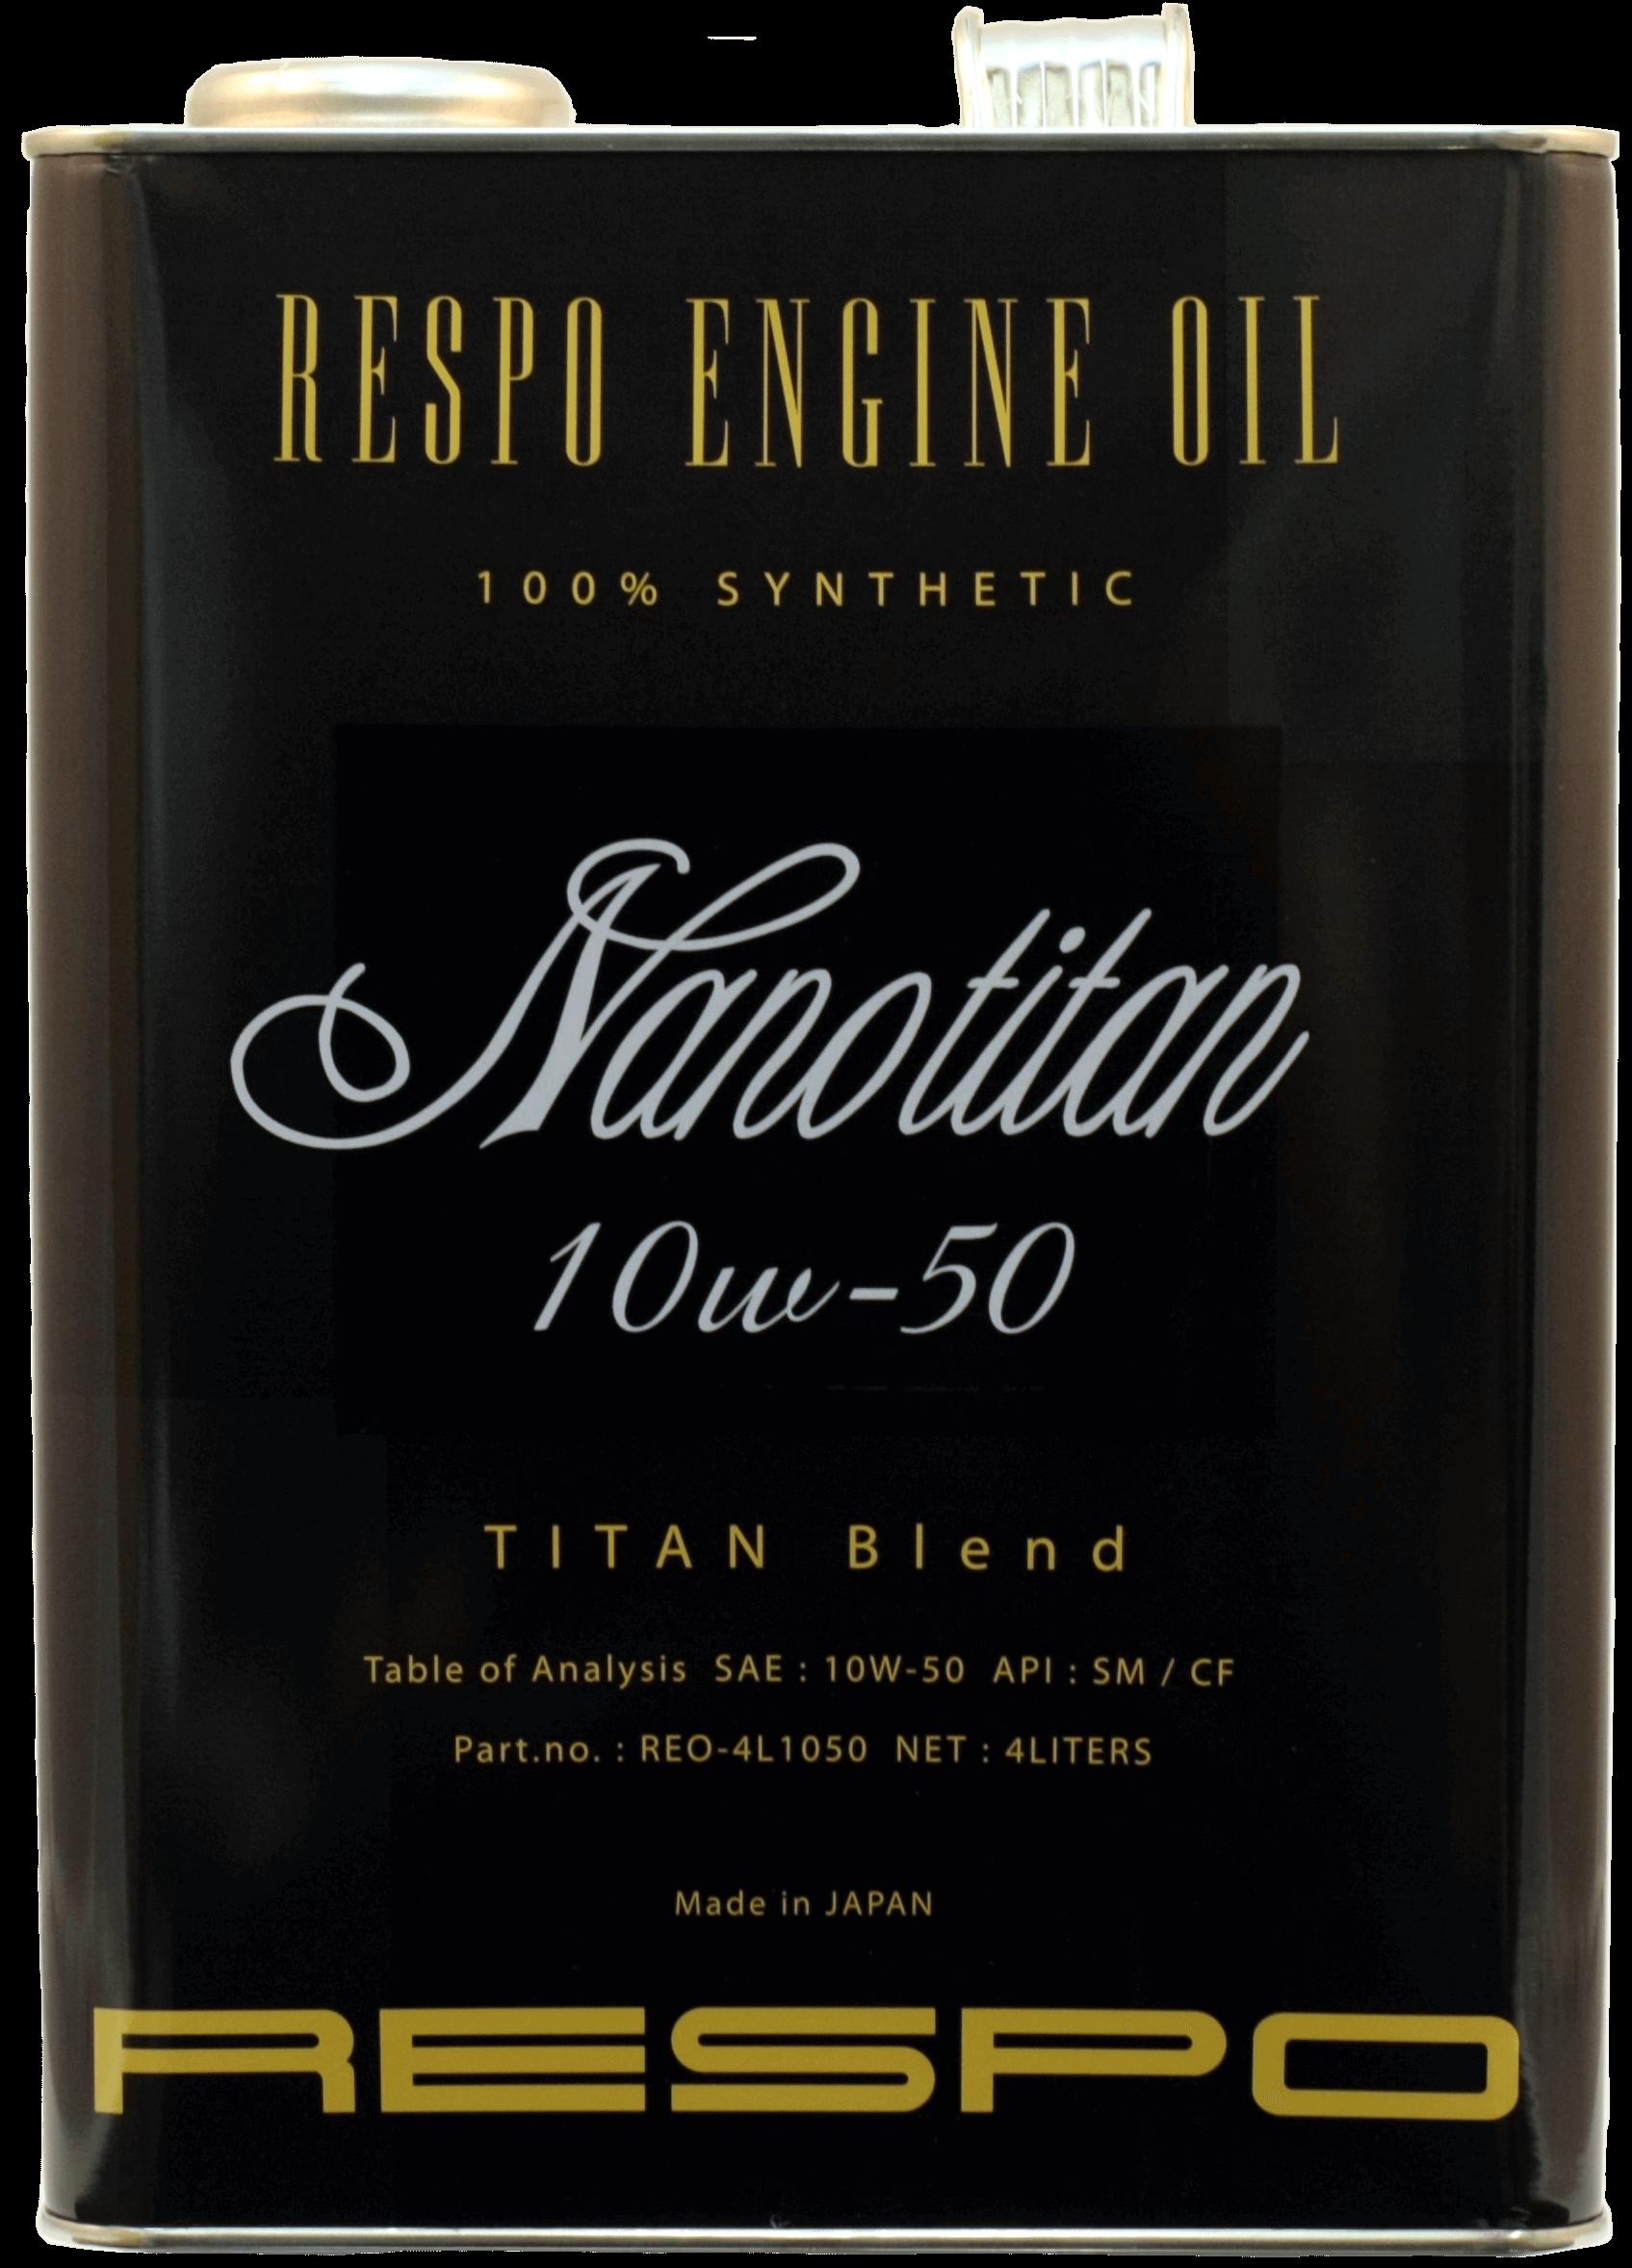 Nanotitan 10w-50